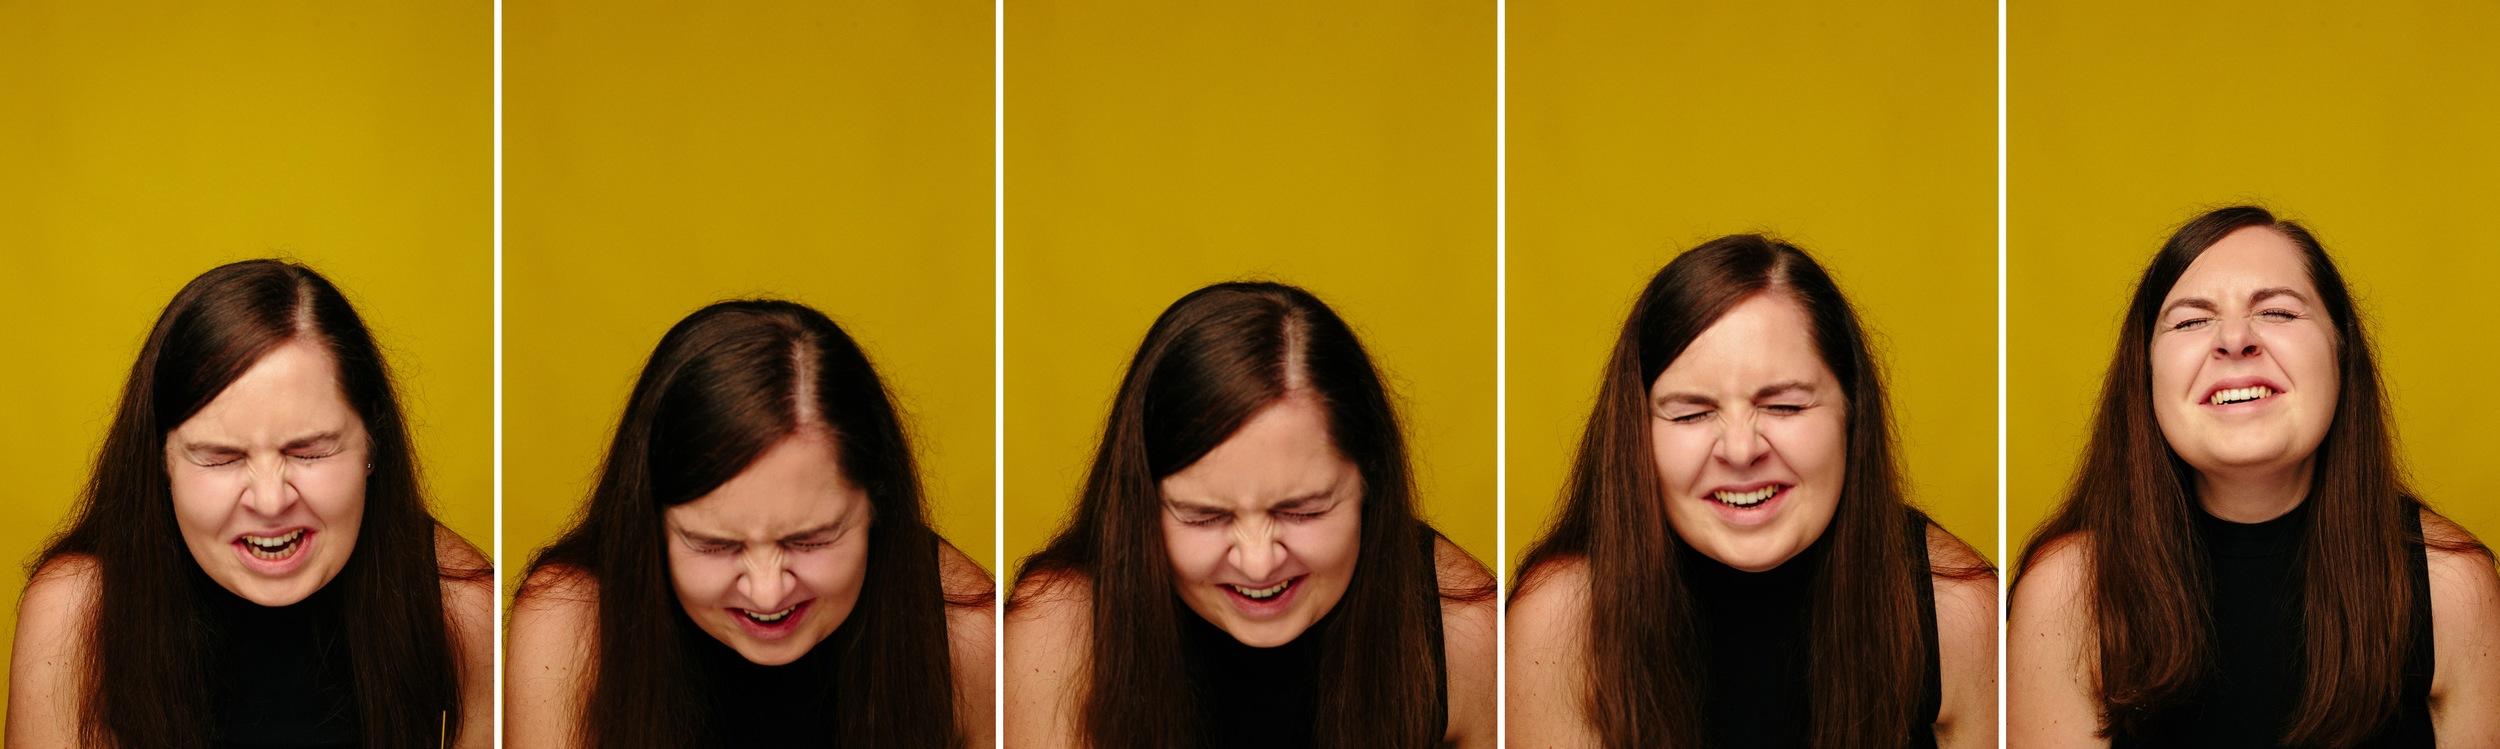 portfolio2 - Jani Ugrin - Na zdravje - 010.jpg